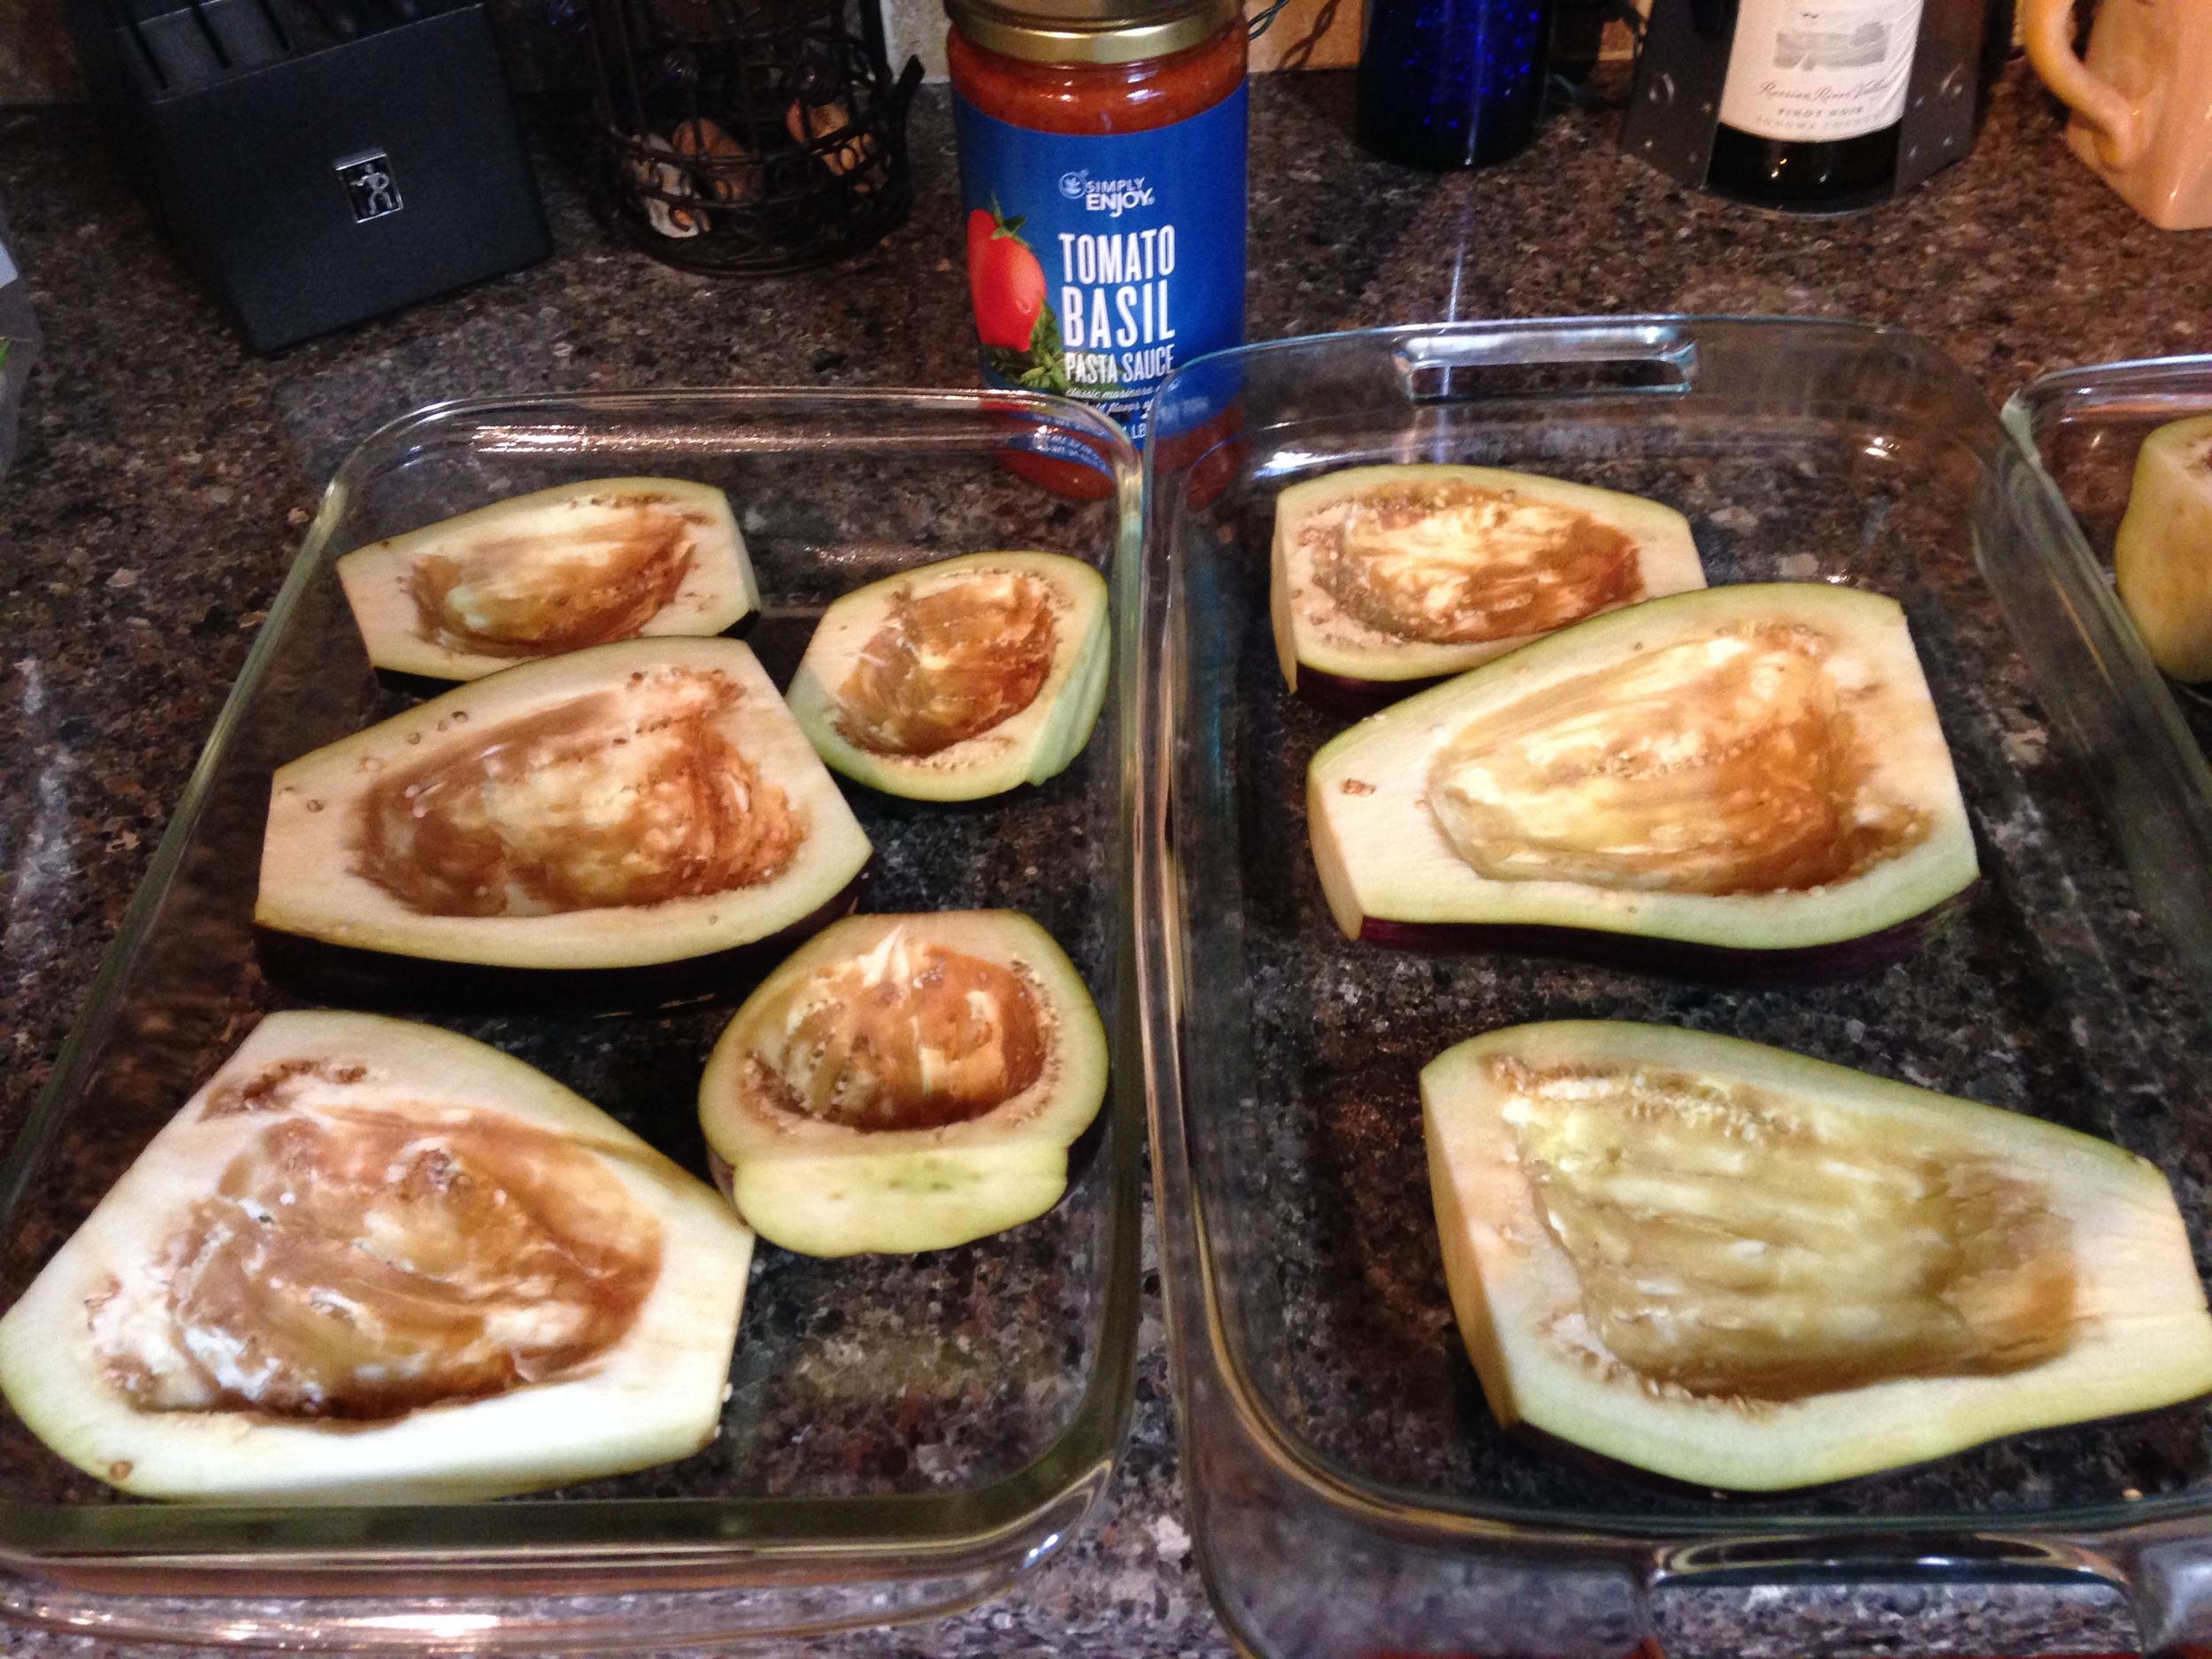 Eggplant prep